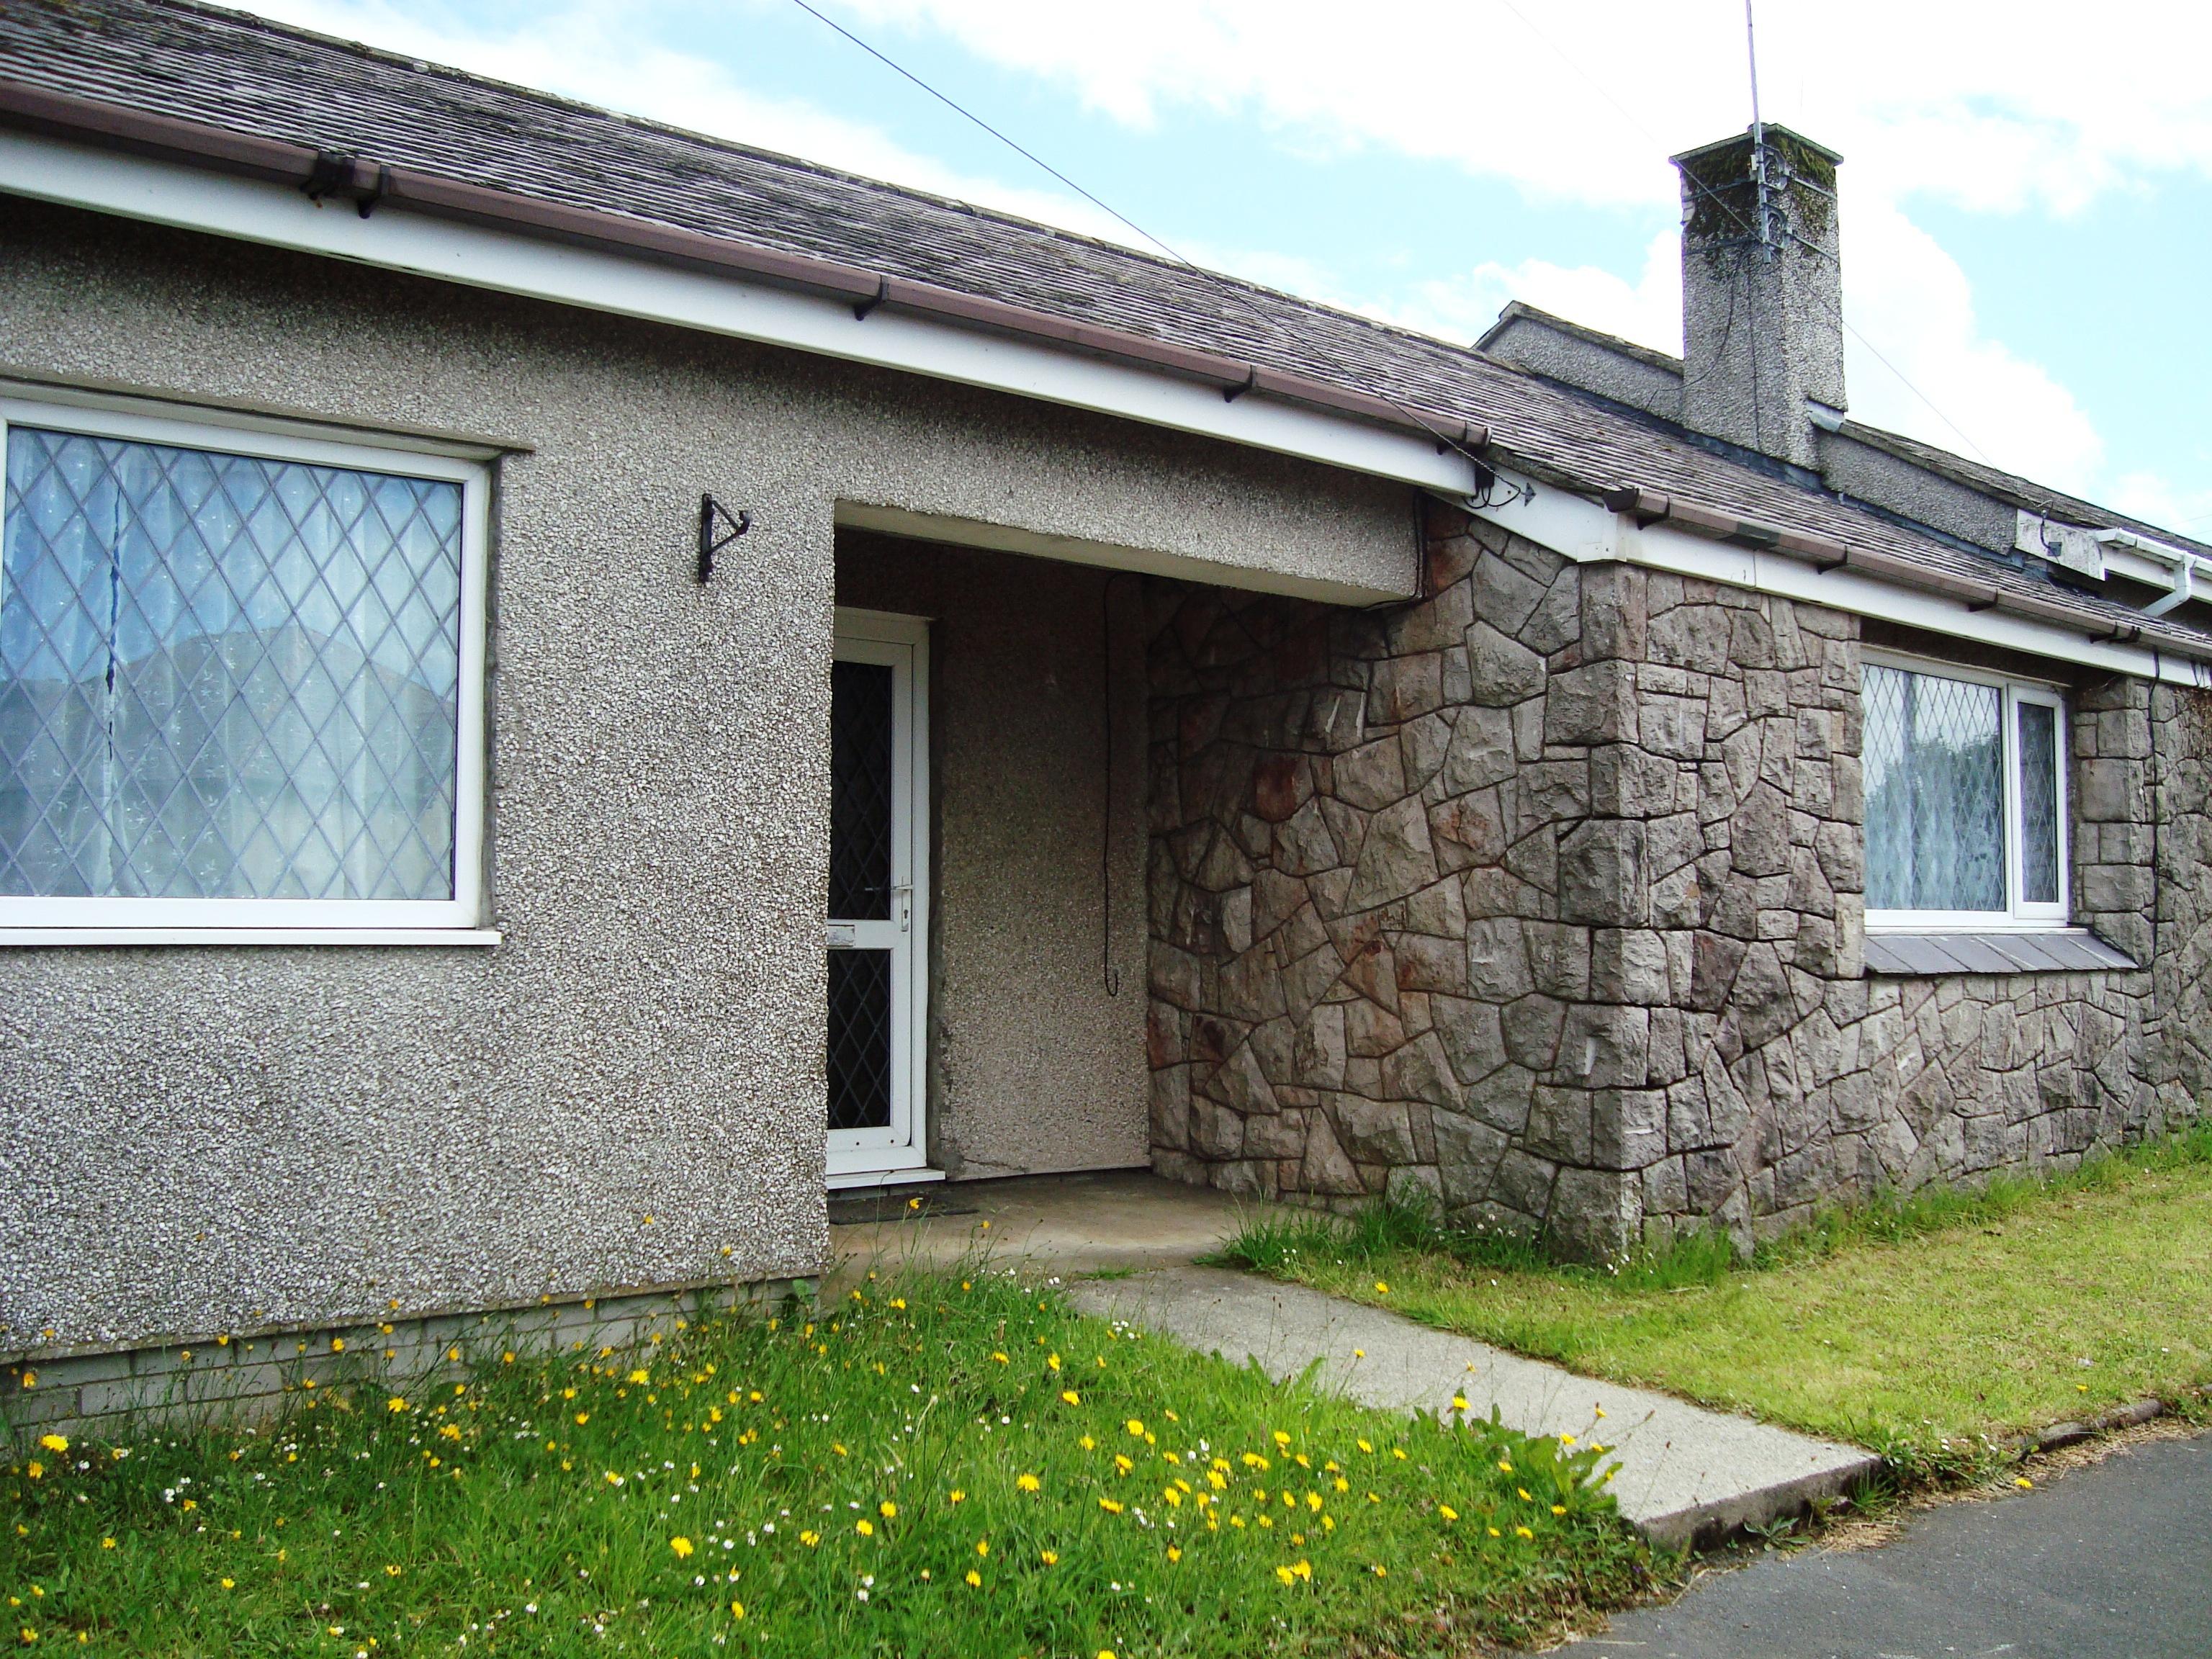 Bro Mynydd, Bryngwran, Anglesey. LL65 3PY